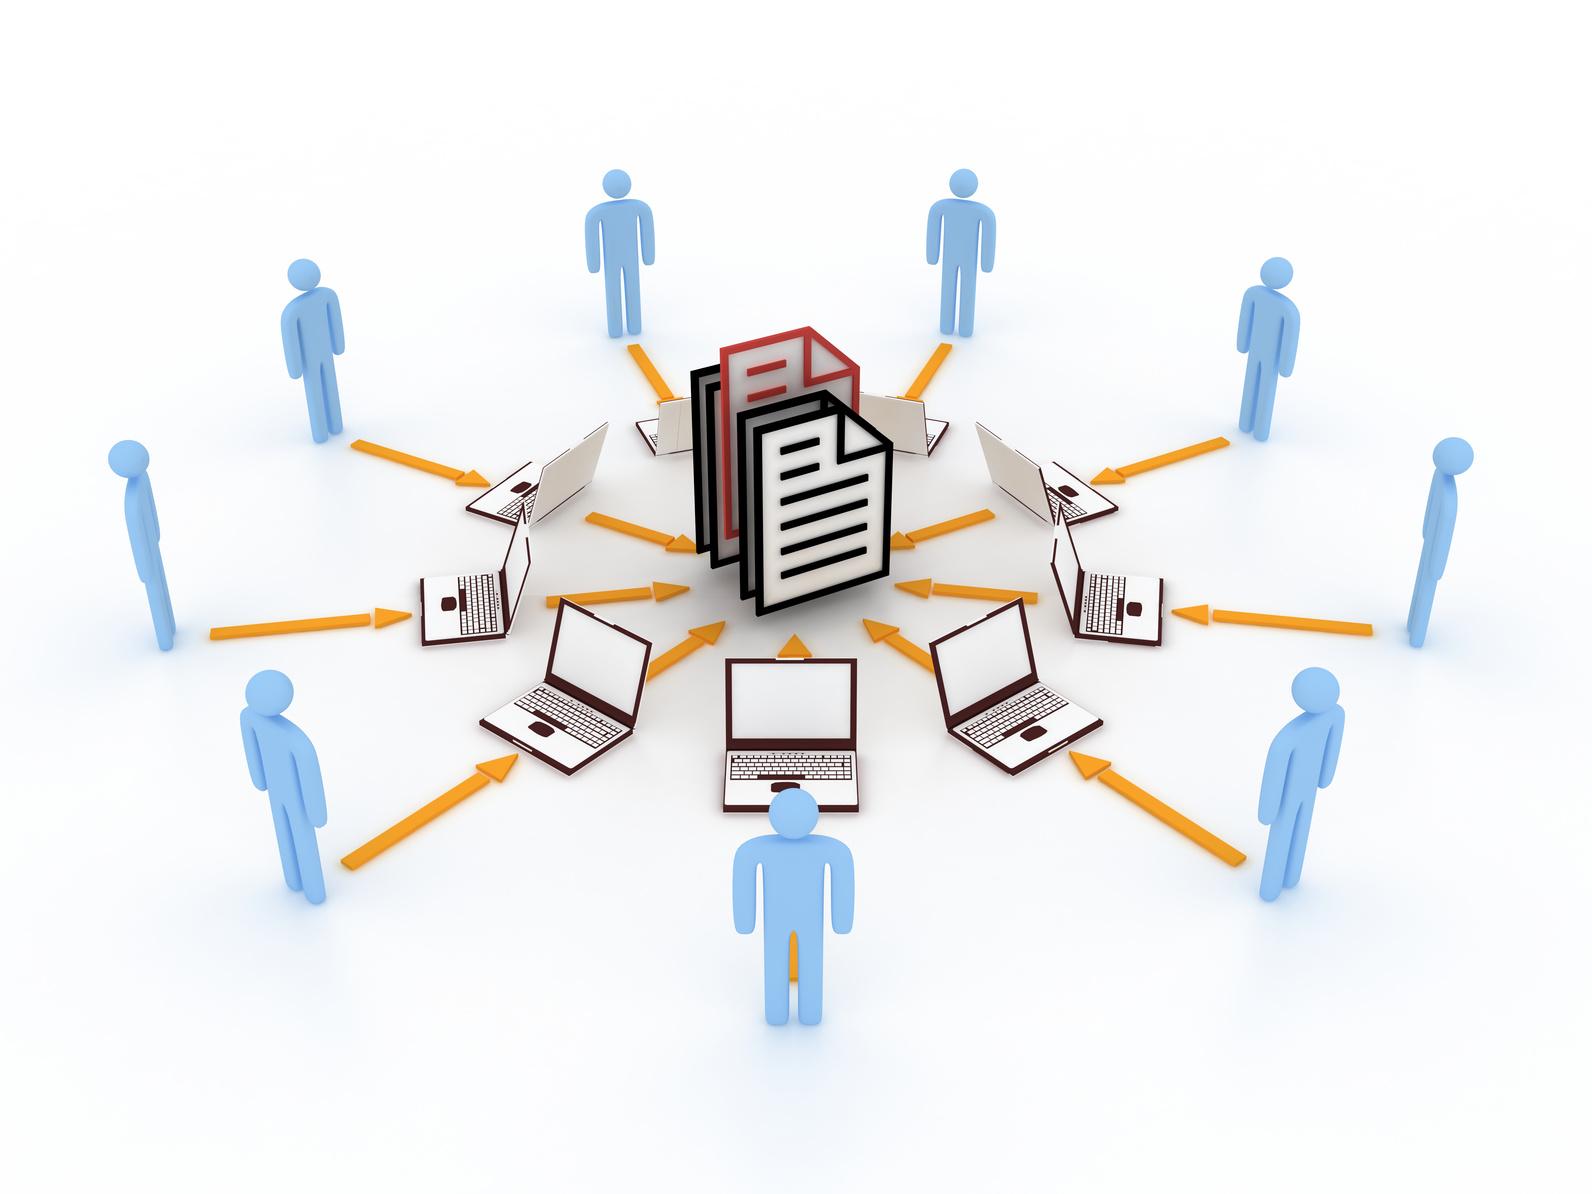 Ingenierie systeme internet concept